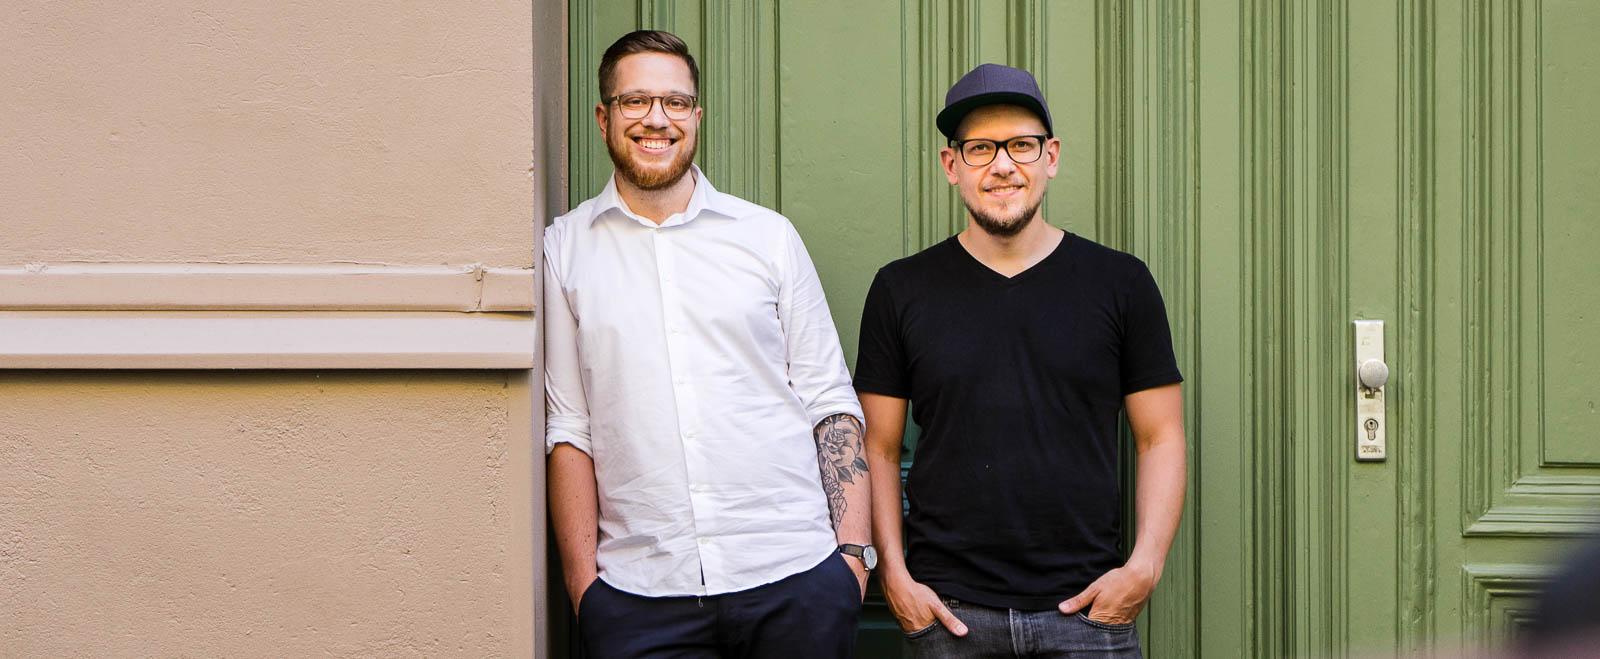 Fotograf Tobi Bohn und Videograf Nick Wolff zusammen auf einer Berliner Straße